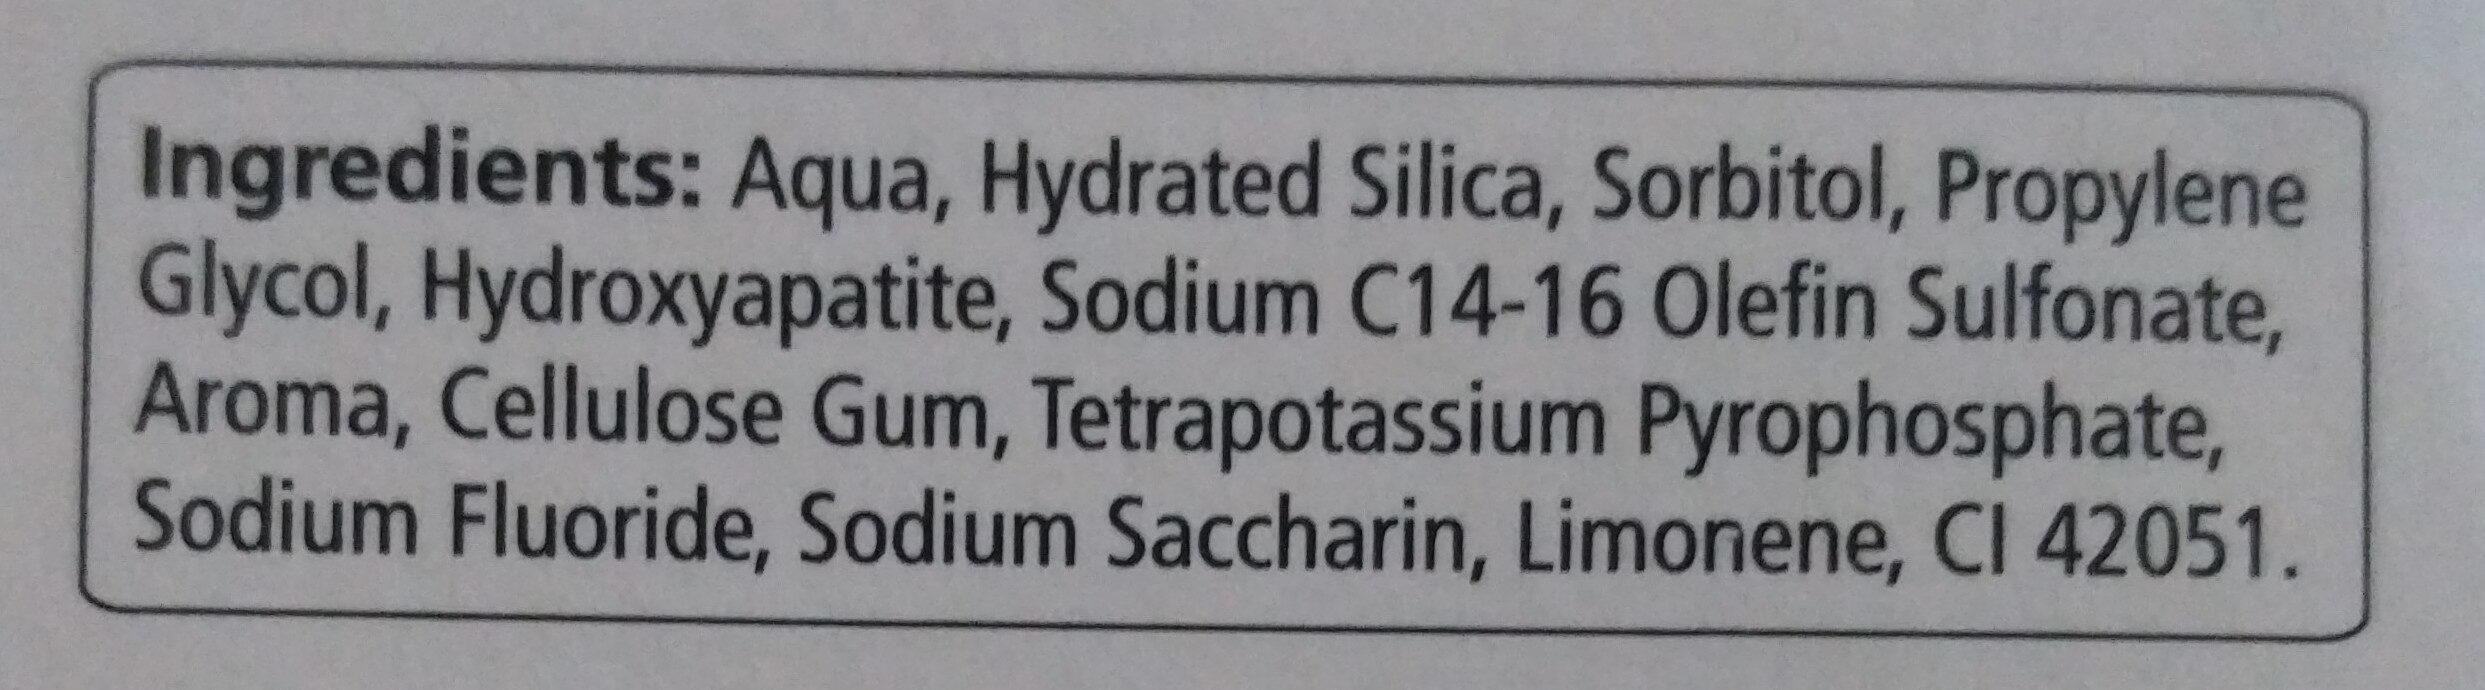 Care Polish (Flüssiger Zahnschmelz) - Ingredients - de